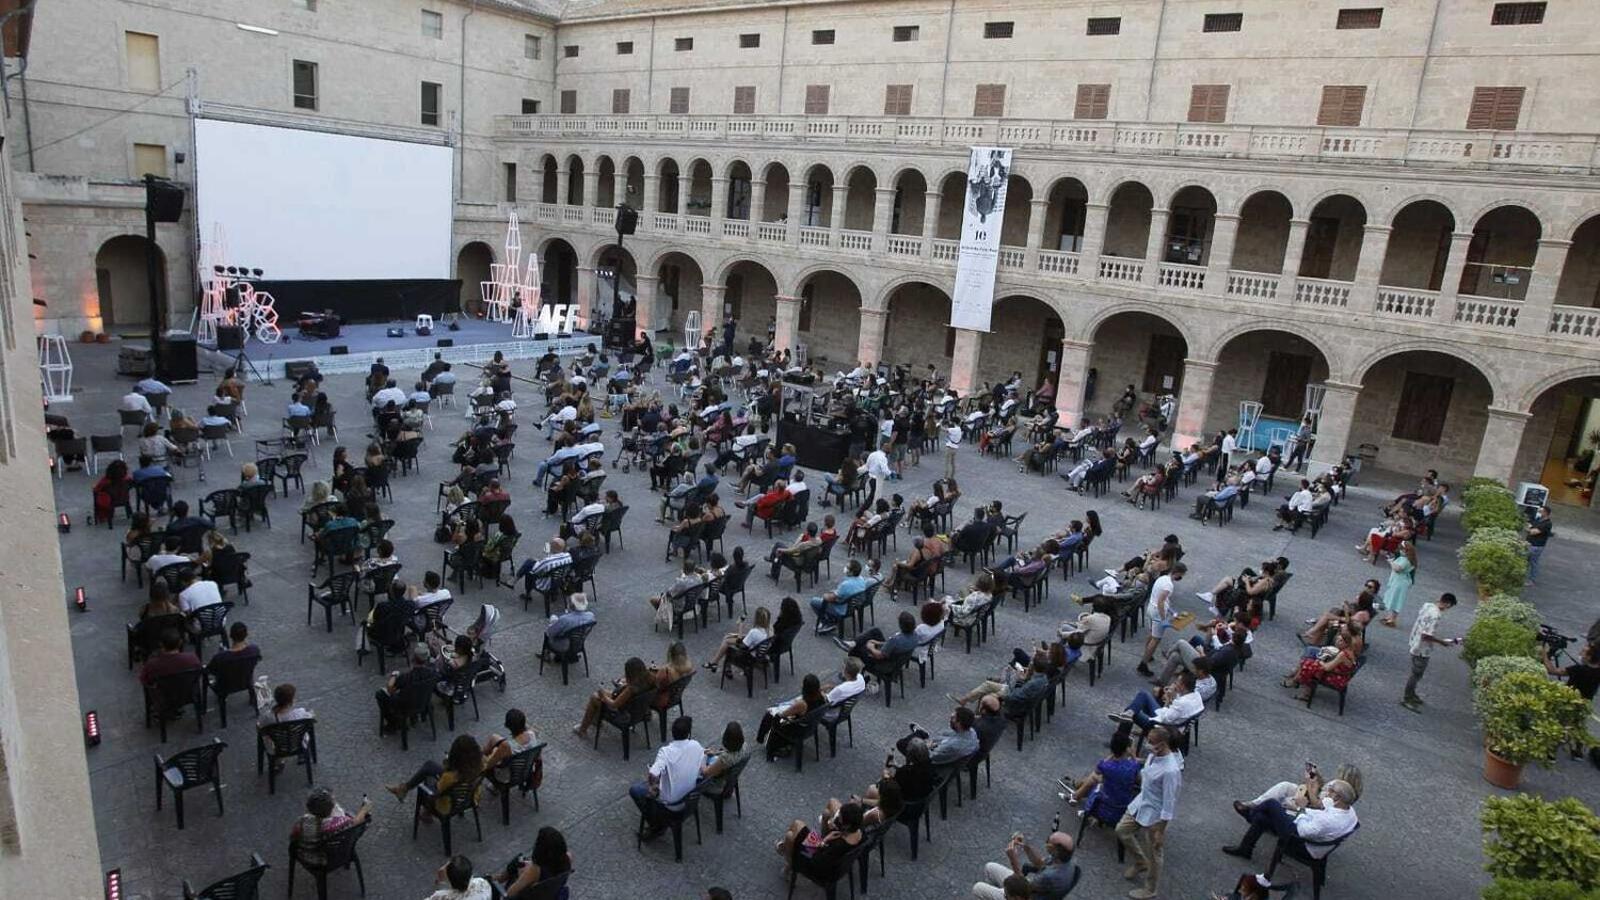 Imatge de la inauguració de l'Atlàntida Film Fest a la Misericòrdia